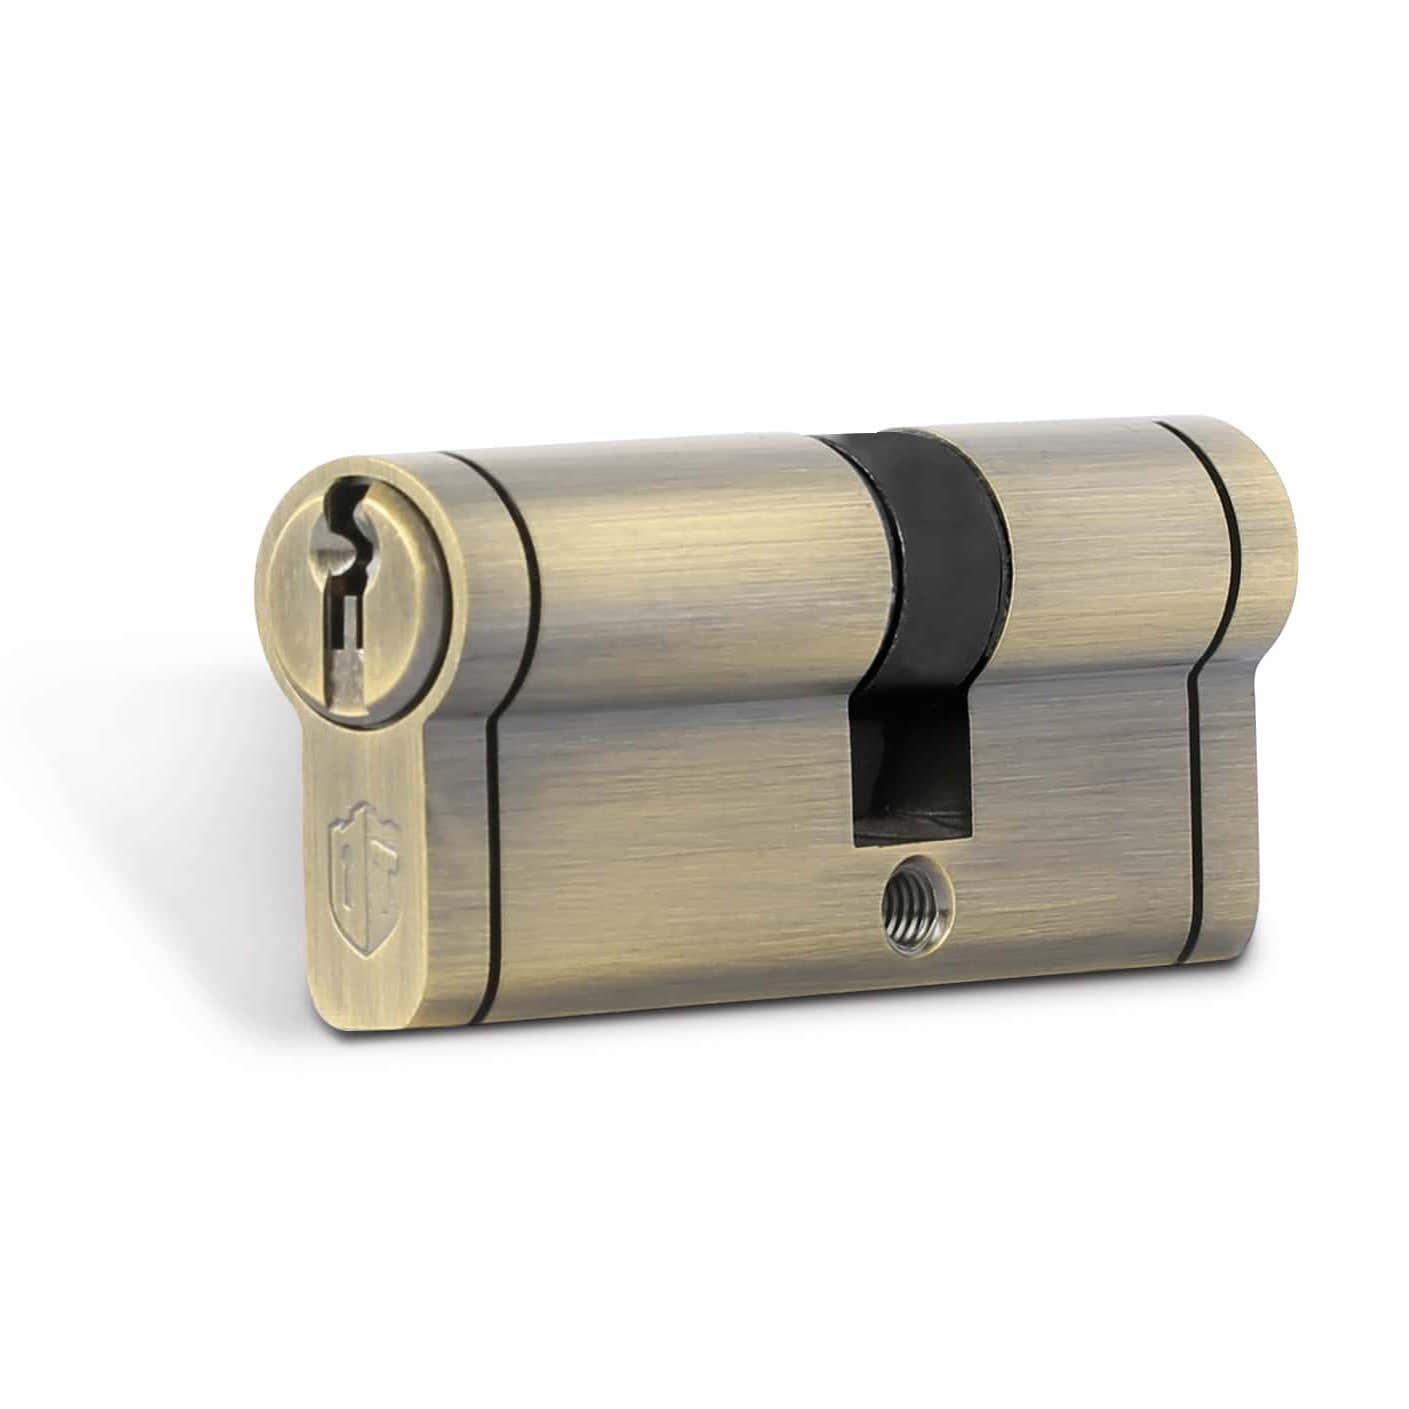 سیلندر قفل درب تنسر مدل زیتونی ساتن سایز 70 کلید دوشیار